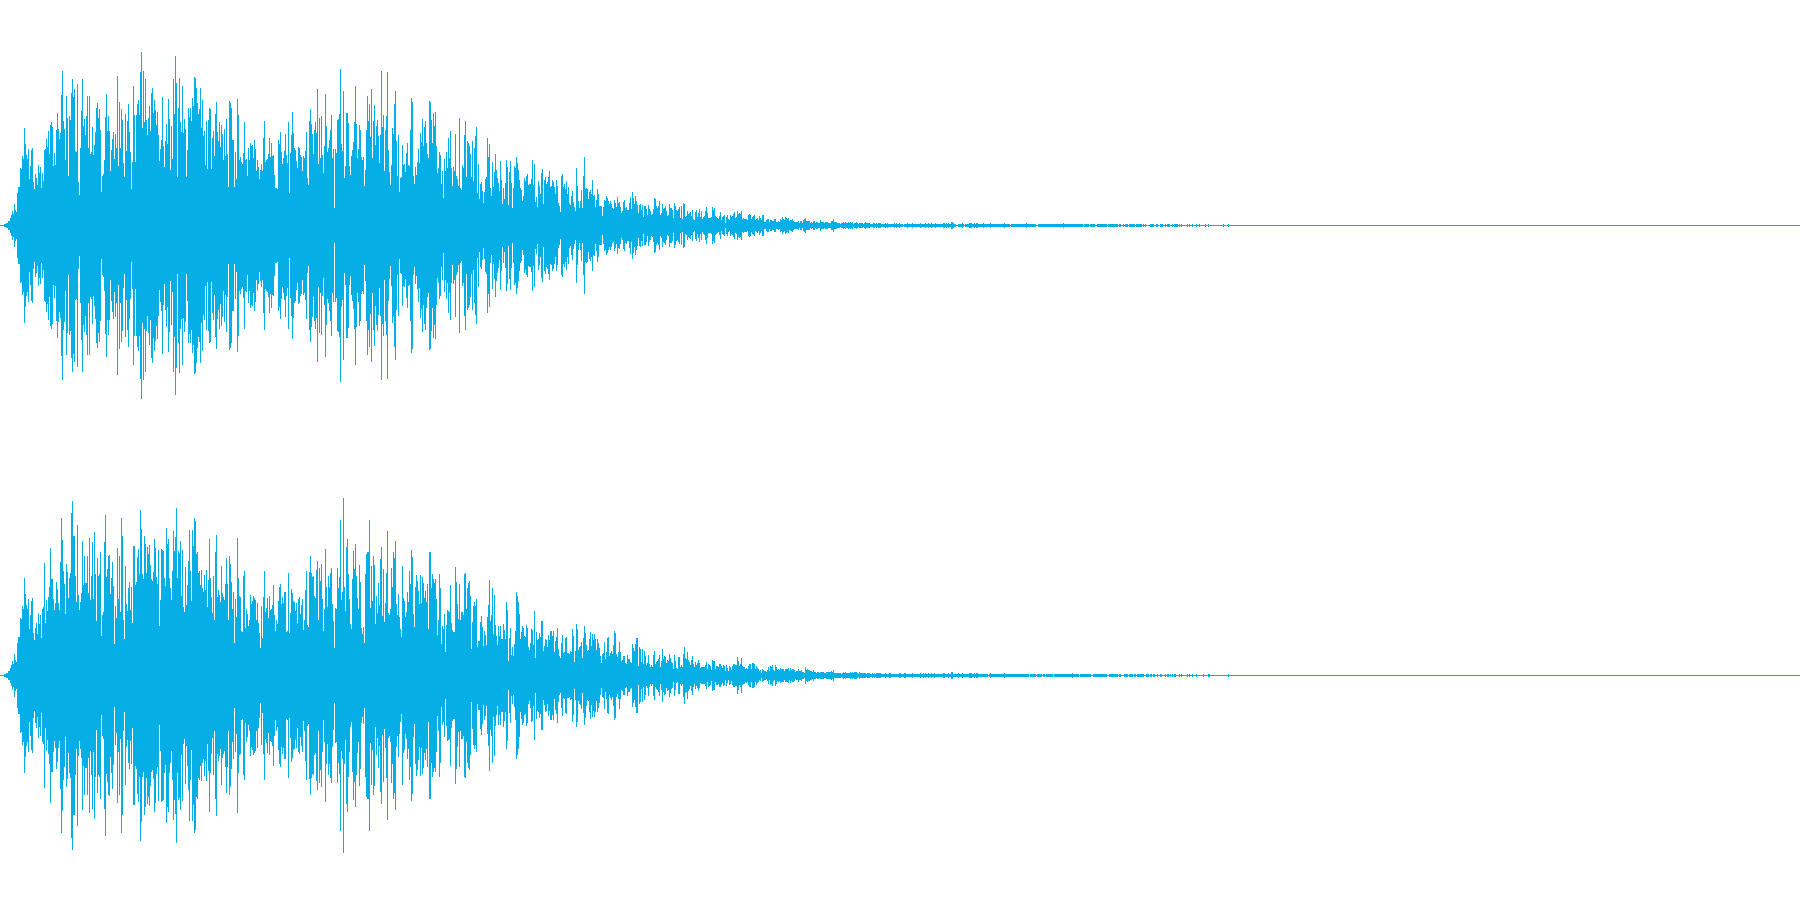 逃げる/逃走/ダッシュ/コミカルの再生済みの波形